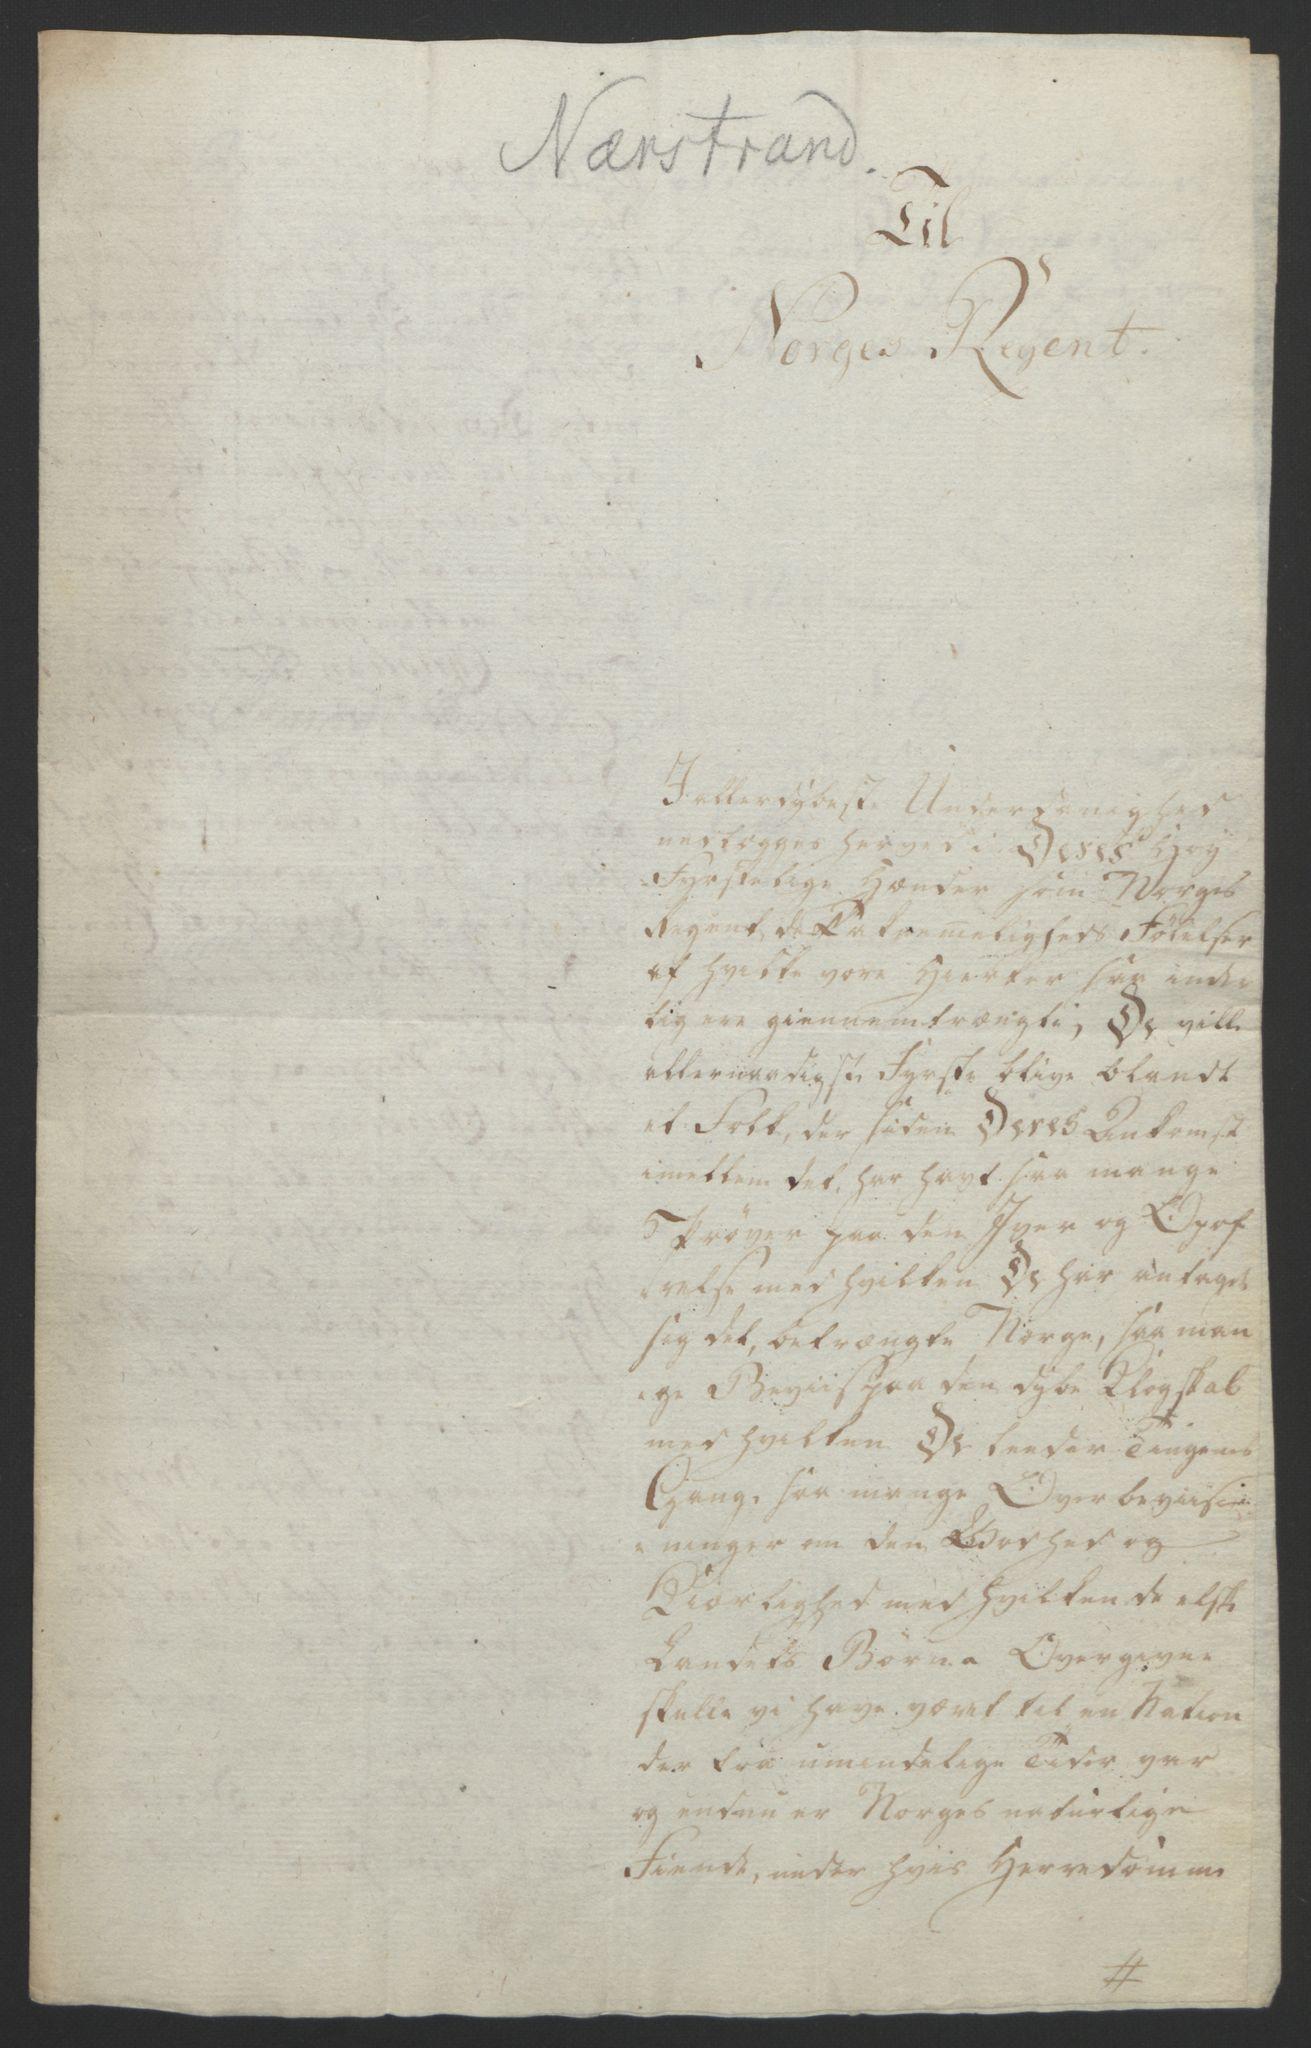 RA, Statsrådssekretariatet, D/Db/L0008: Fullmakter for Eidsvollsrepresentantene i 1814. , 1814, s. 236